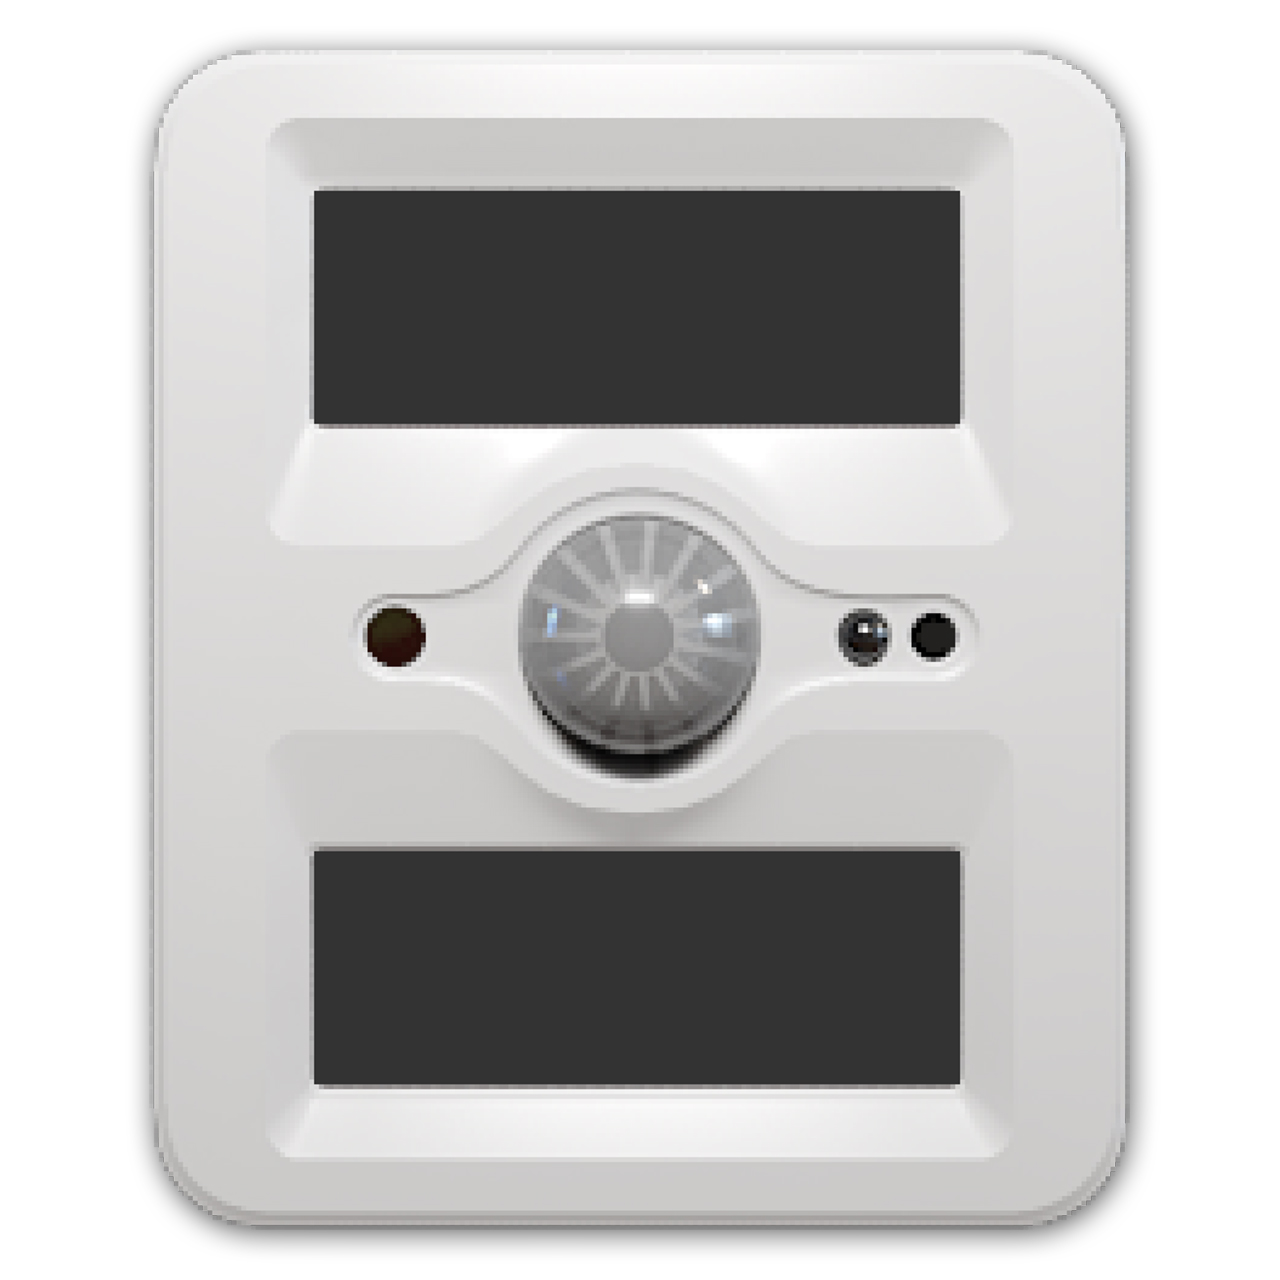 carrier-WS-ML-902-wireless-motion-lux-sensor